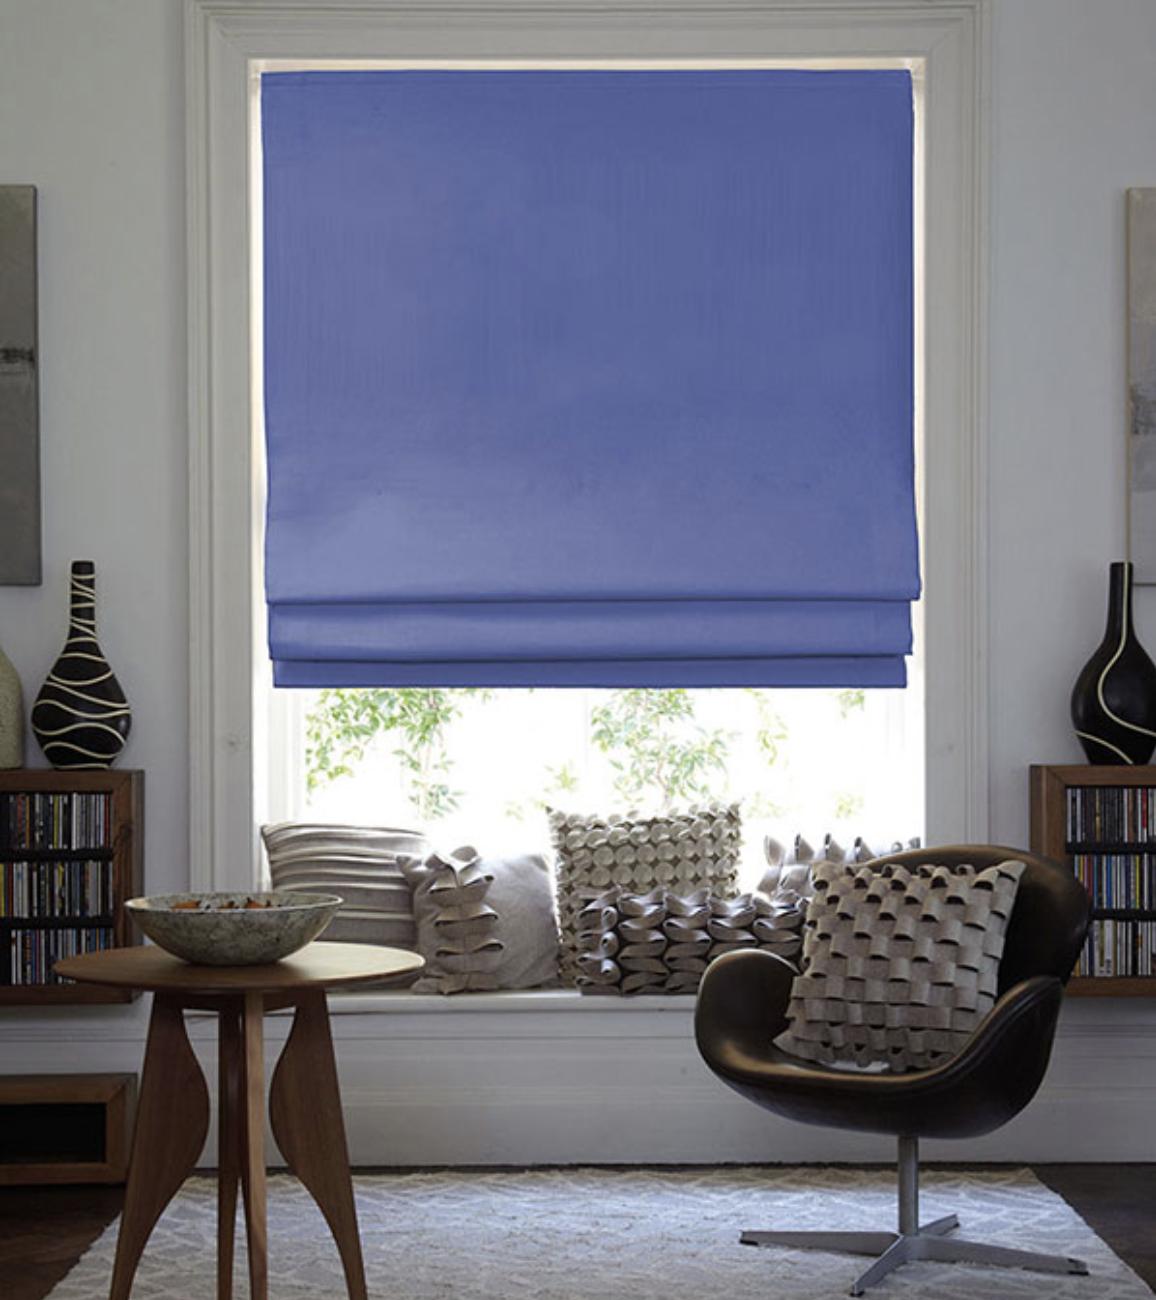 Roman blinds suit most rooms